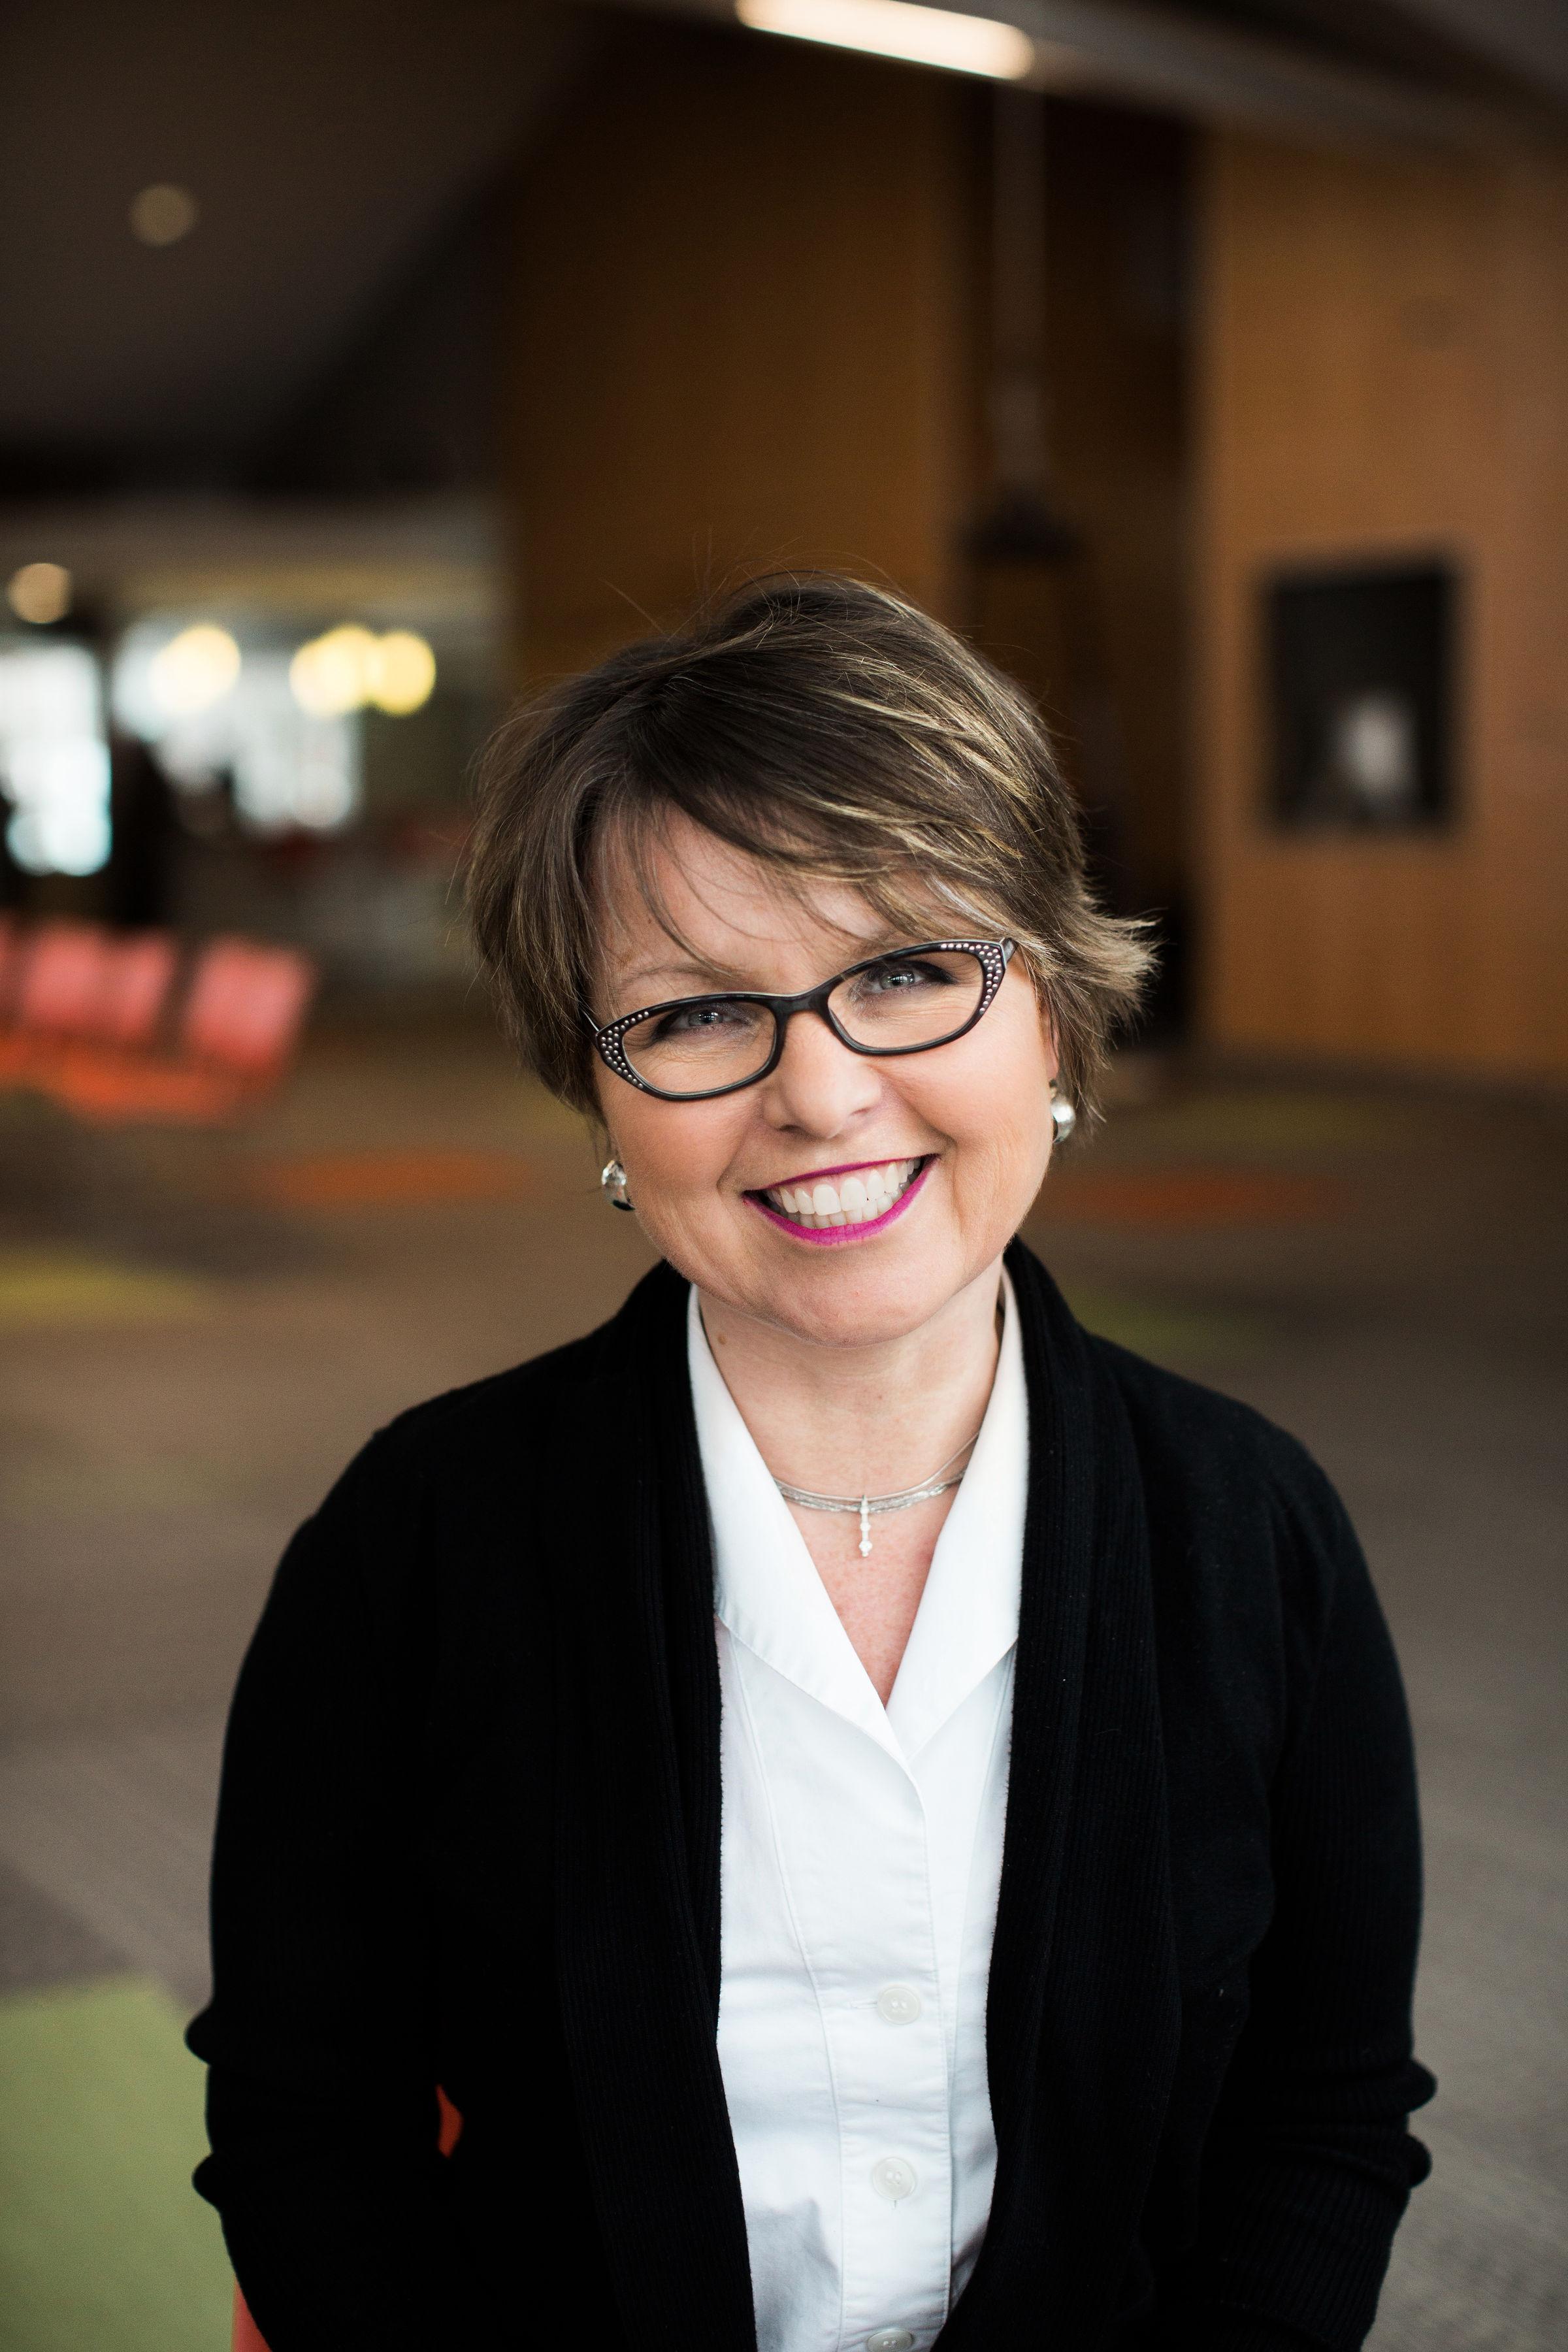 Krista Mason Executive Director